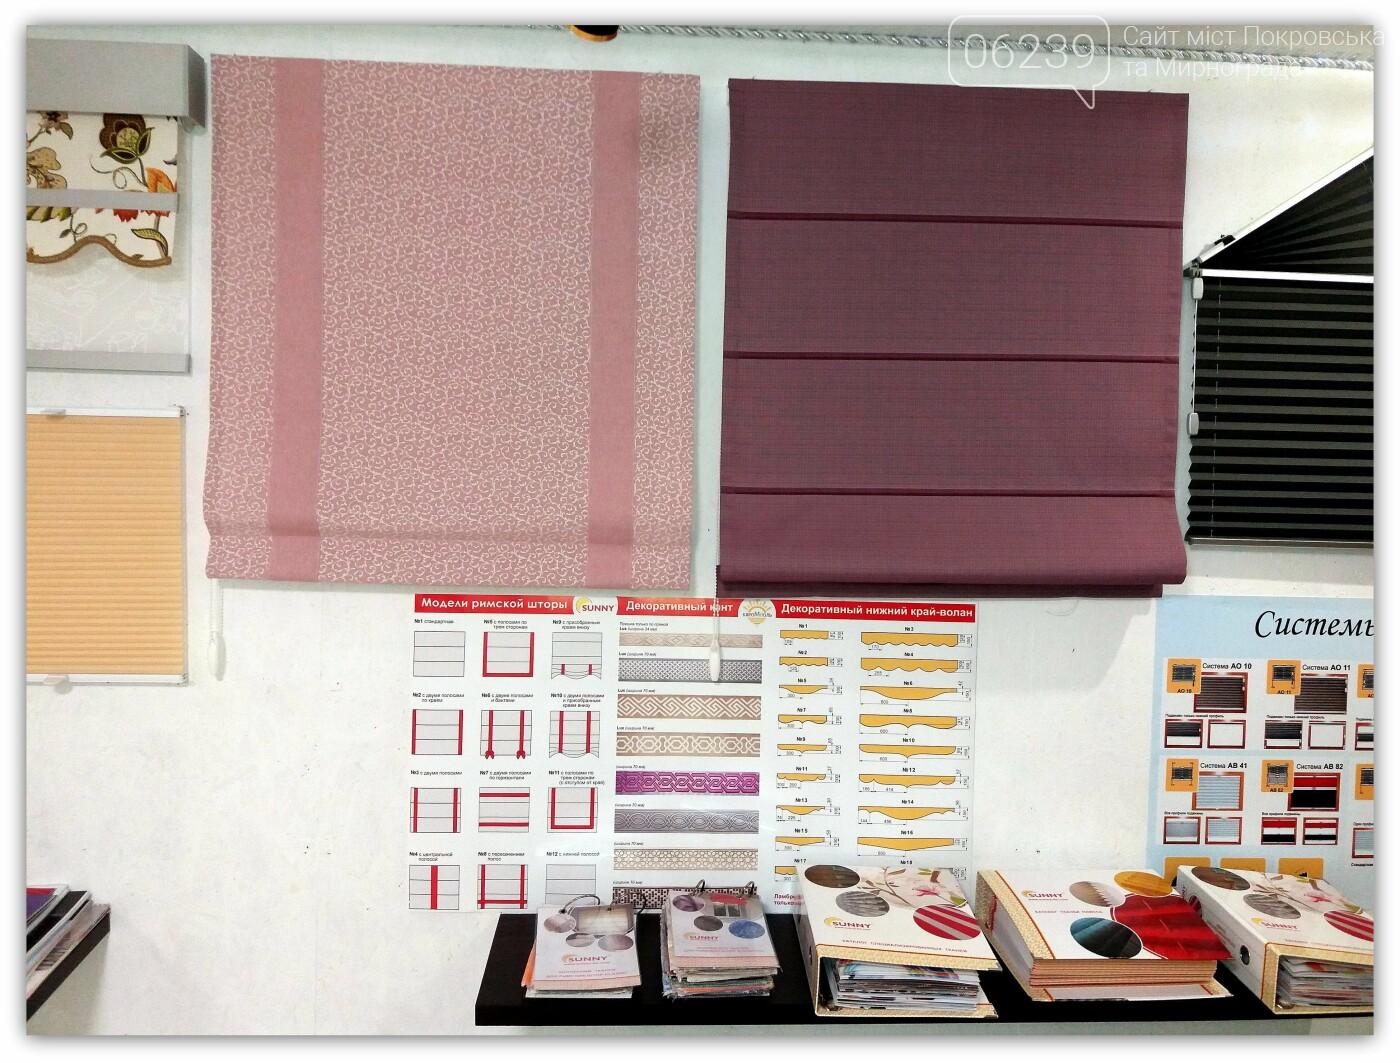 Рулонные шторы от салона «Каромполь» - стильно, модно, качественно!, фото-4